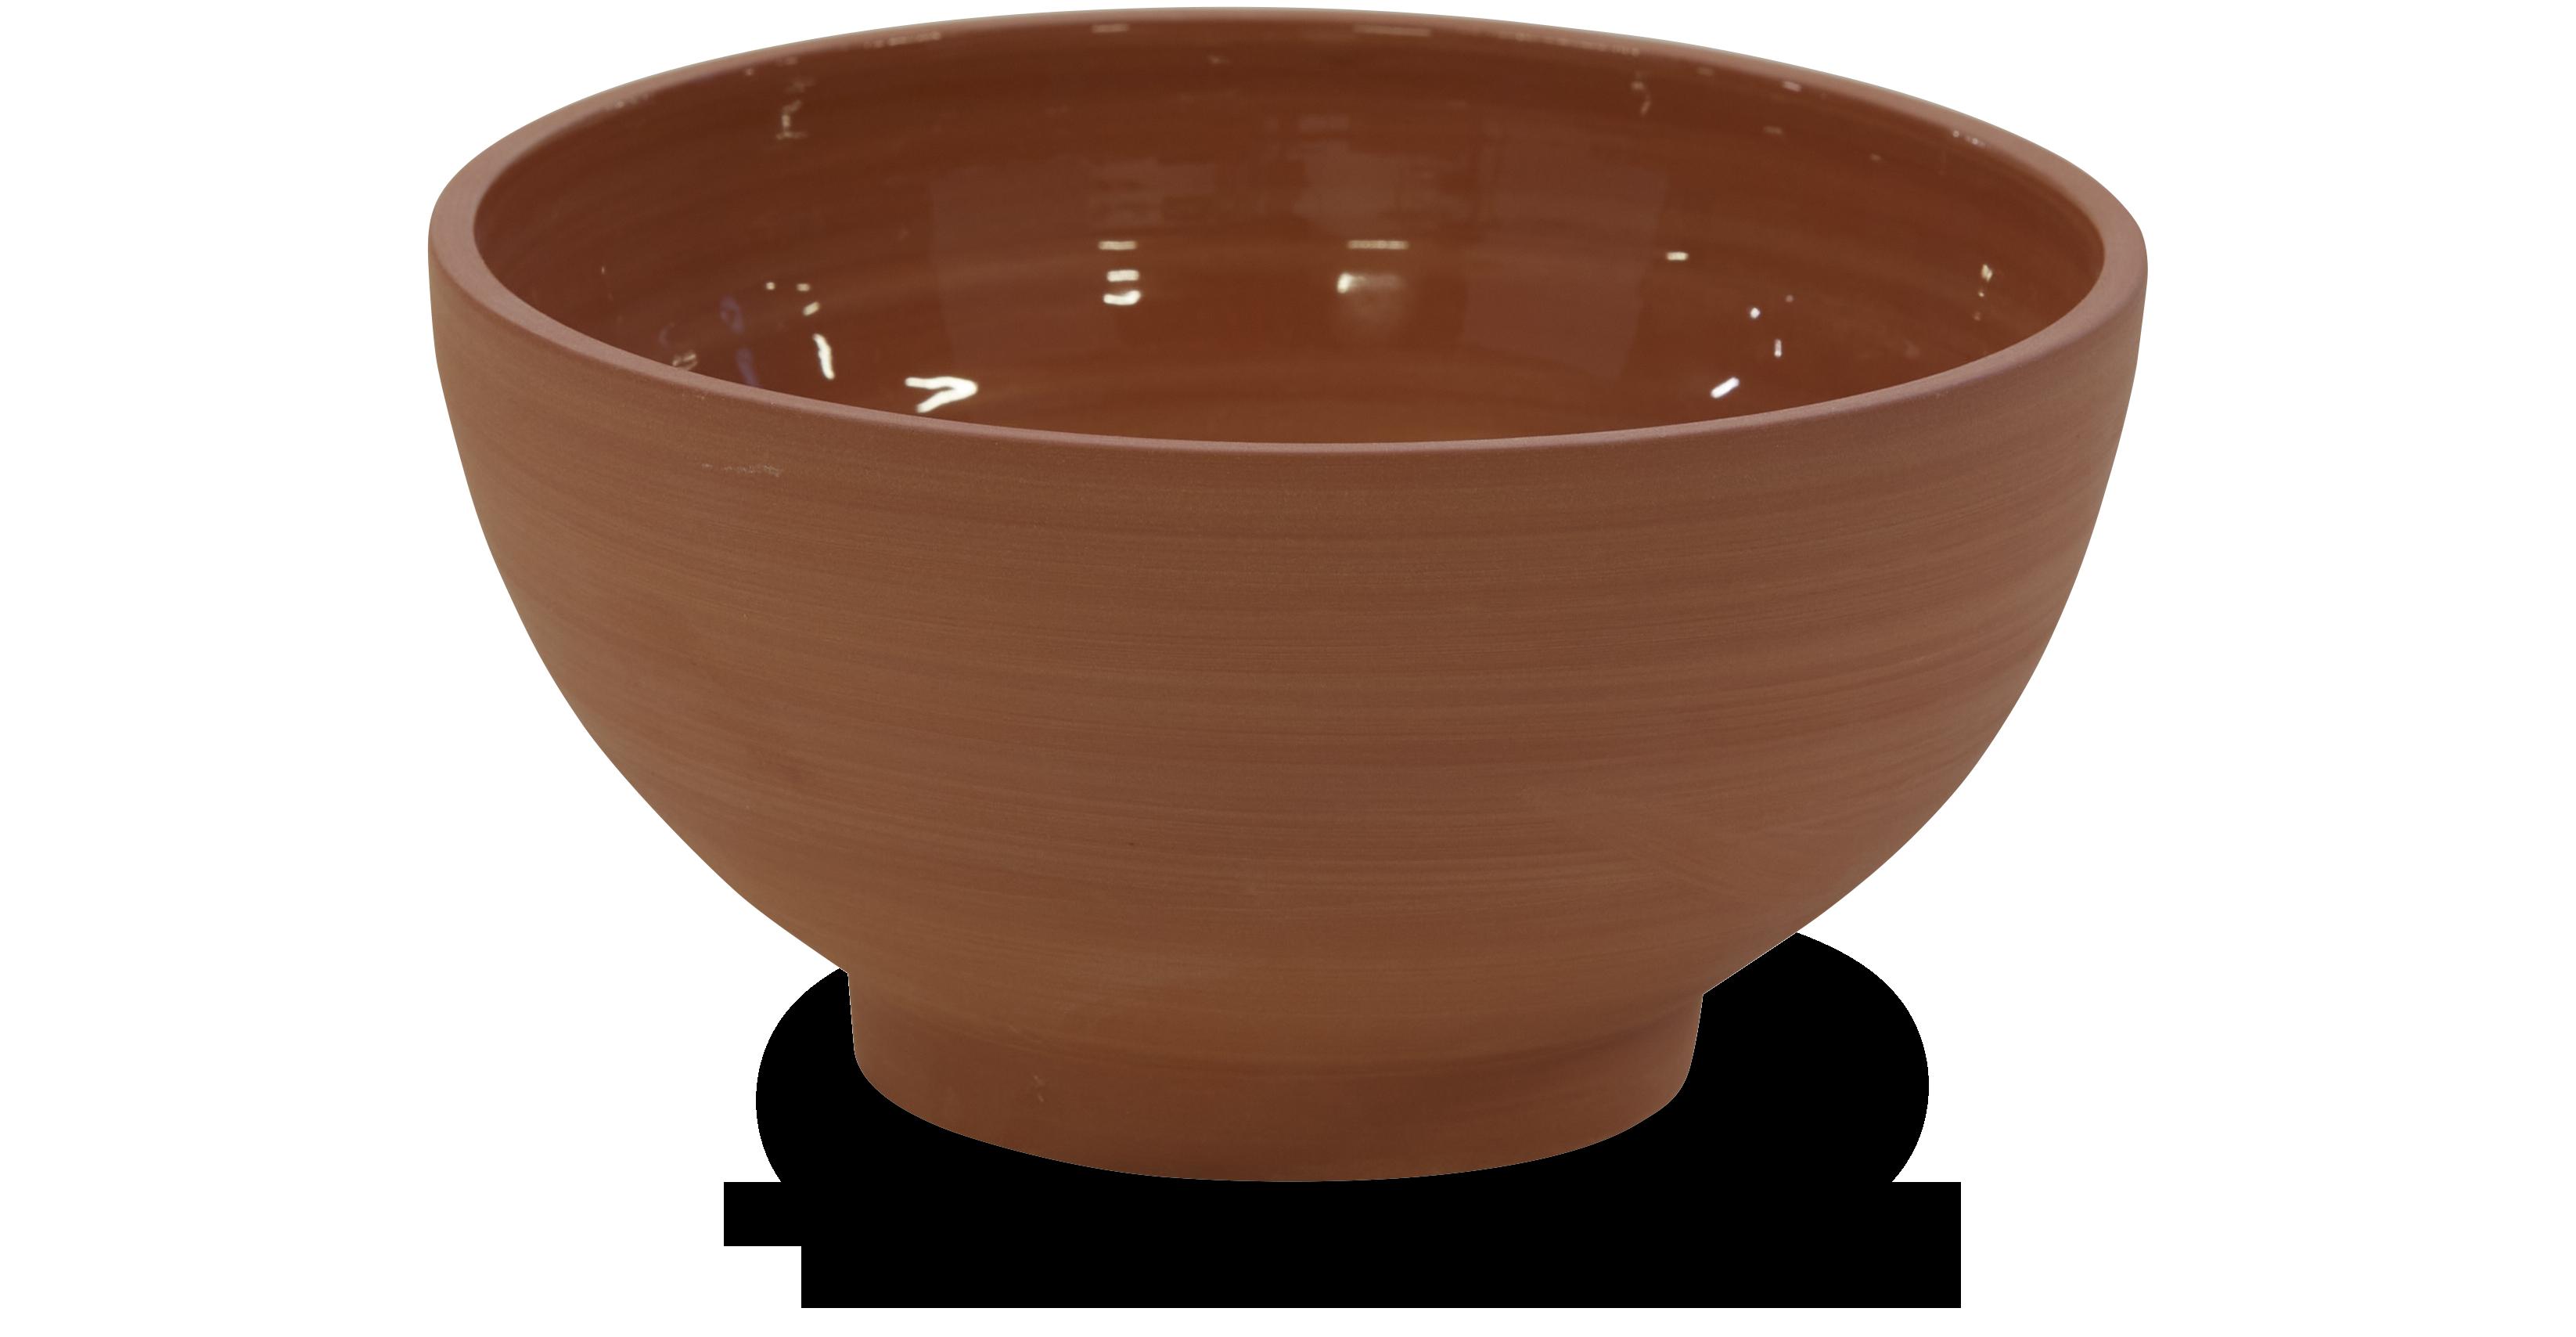 Clay skål